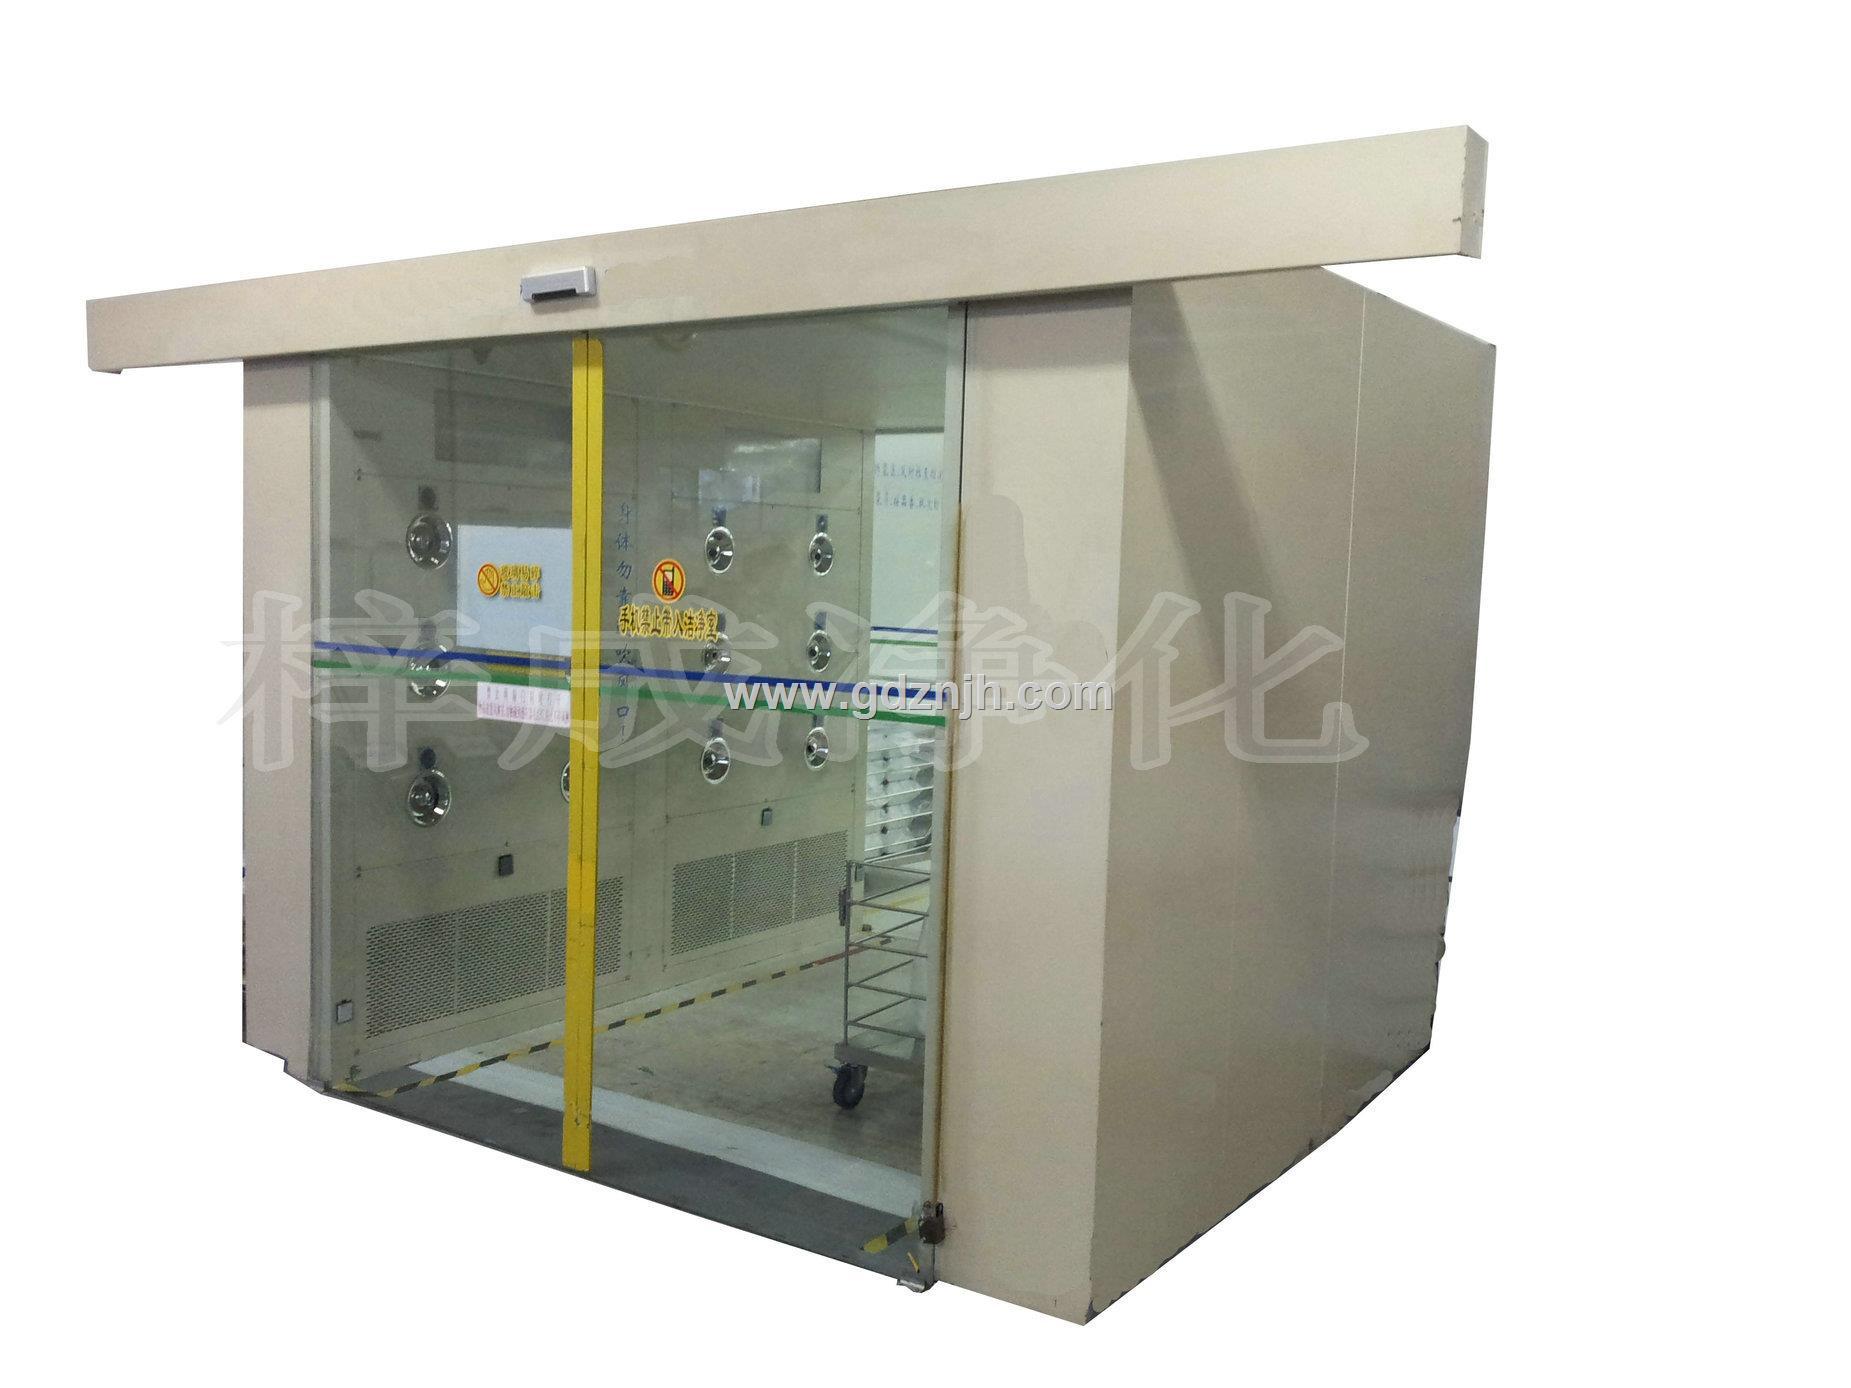 自动门风淋室 zc-aas-1400